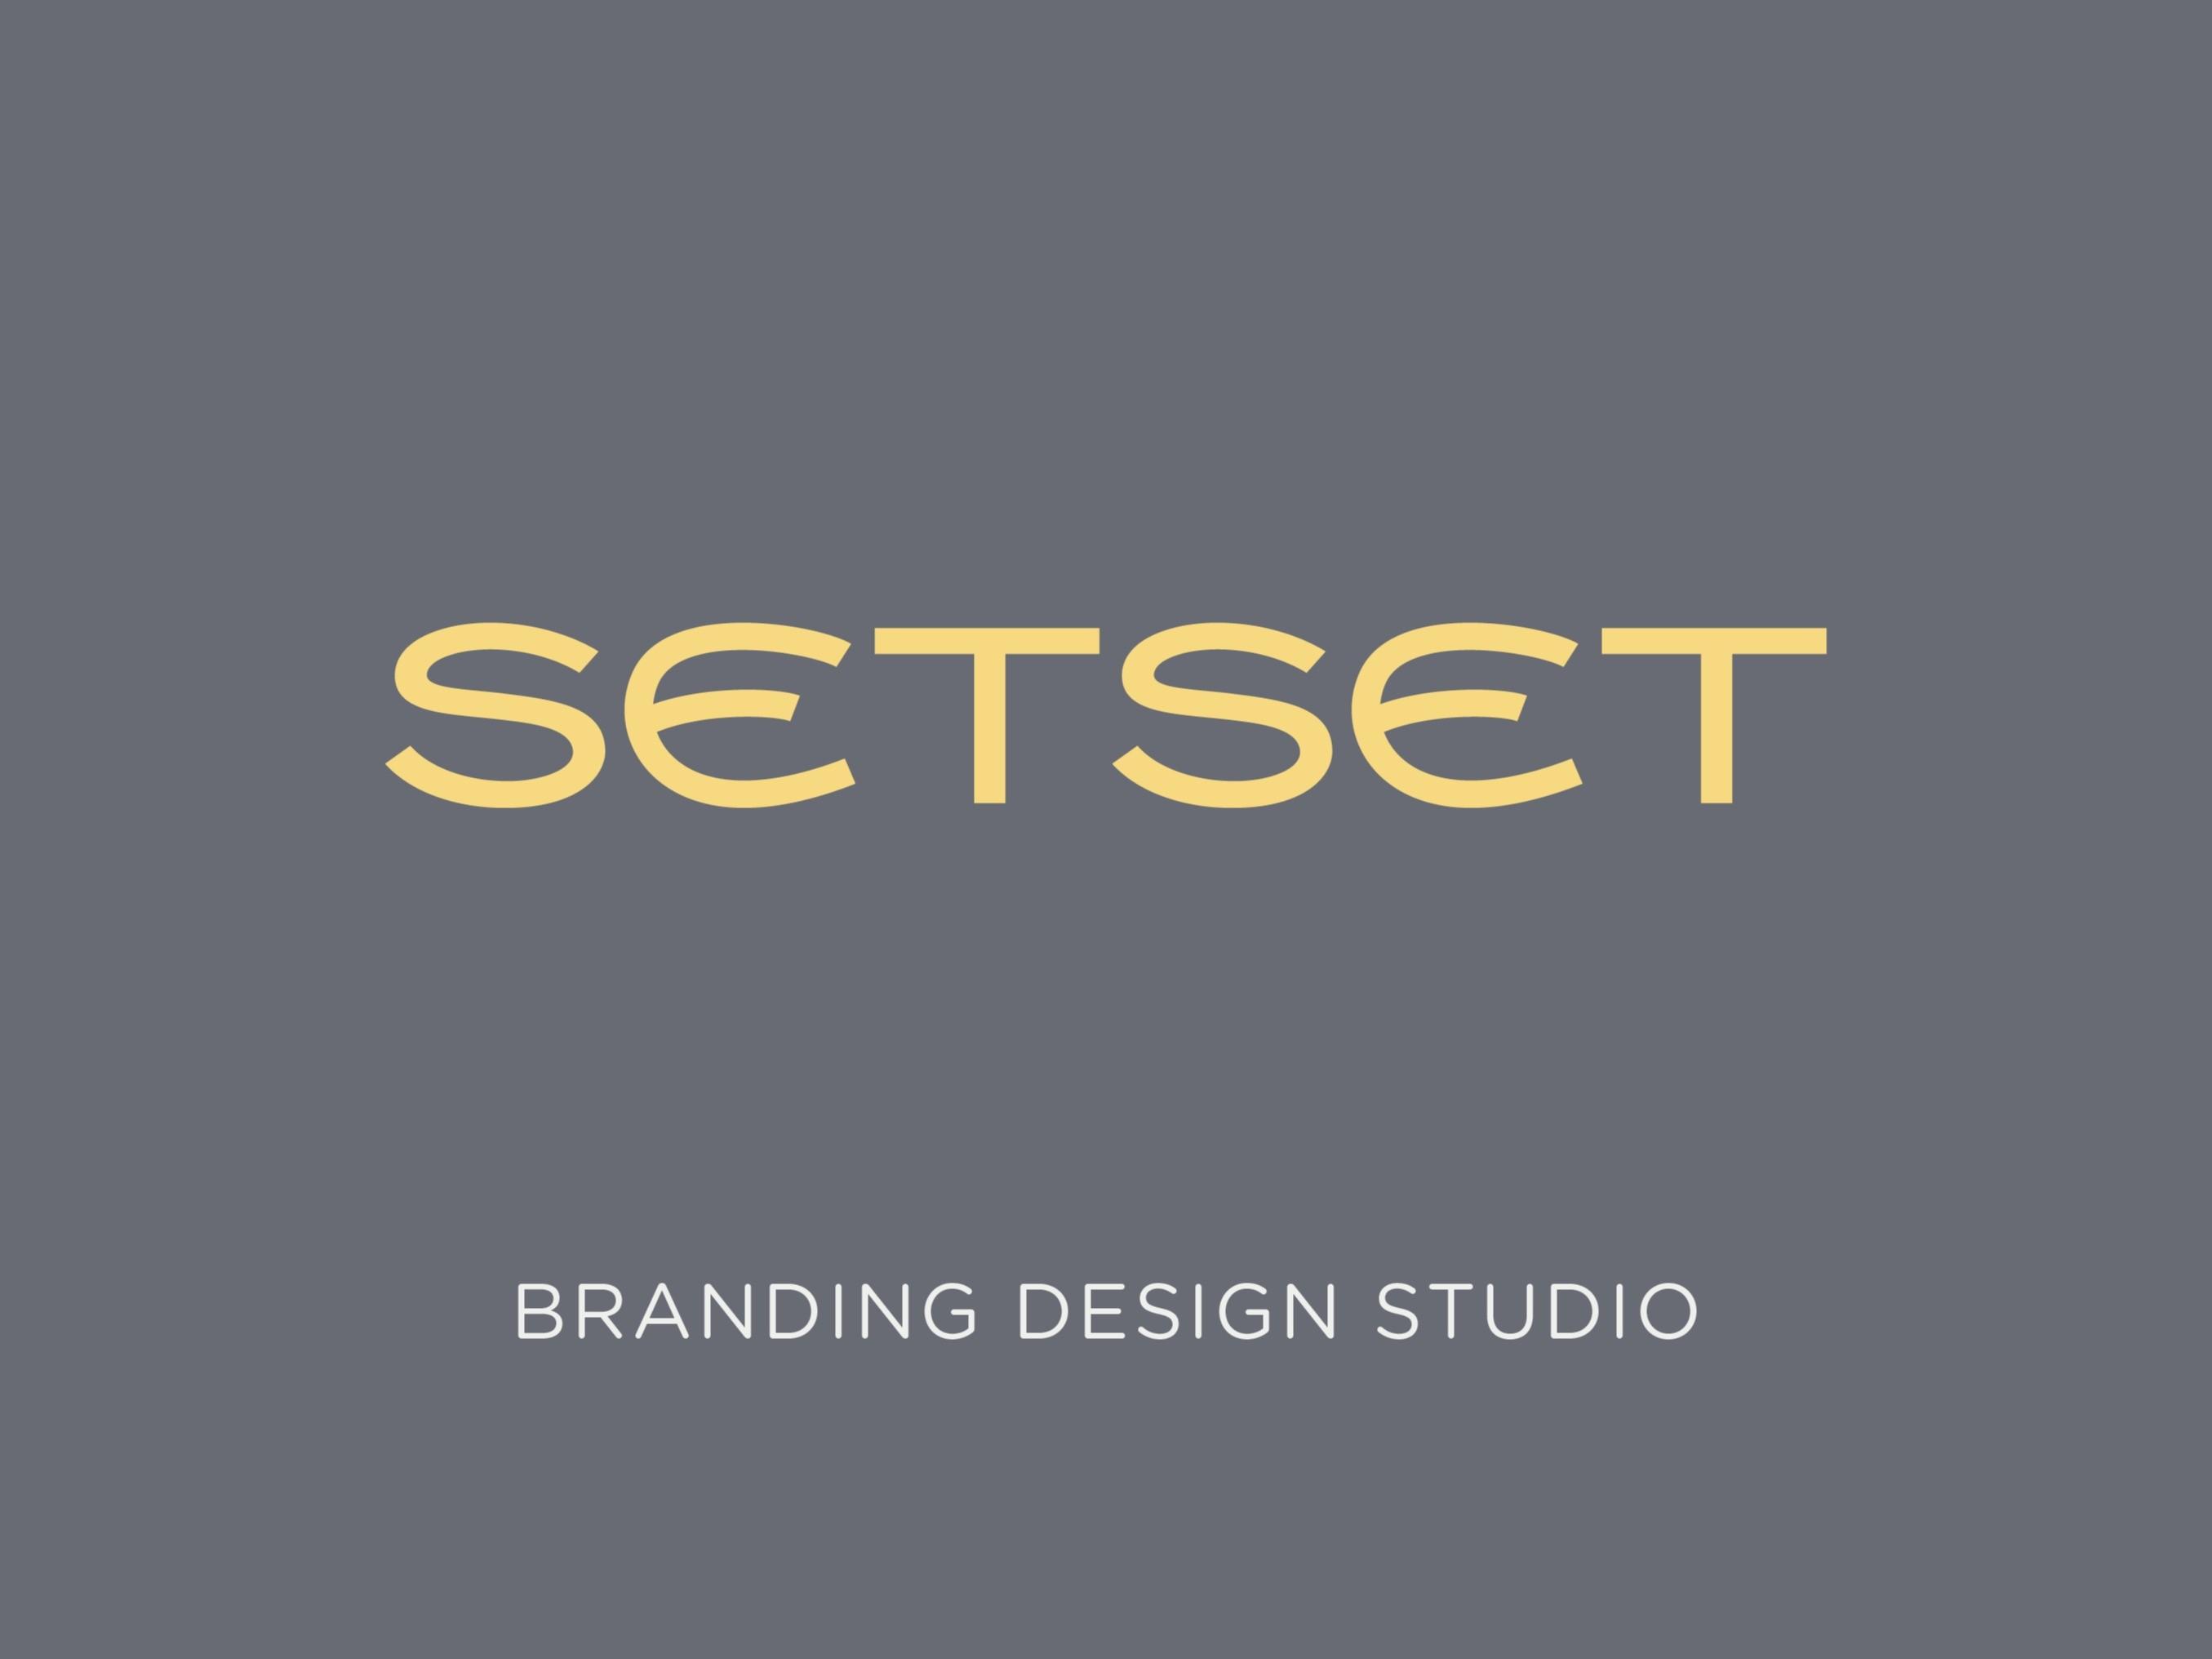 브랜드의 완성은 결국 디자인입니다. 완성형 디자인을 드립니다.